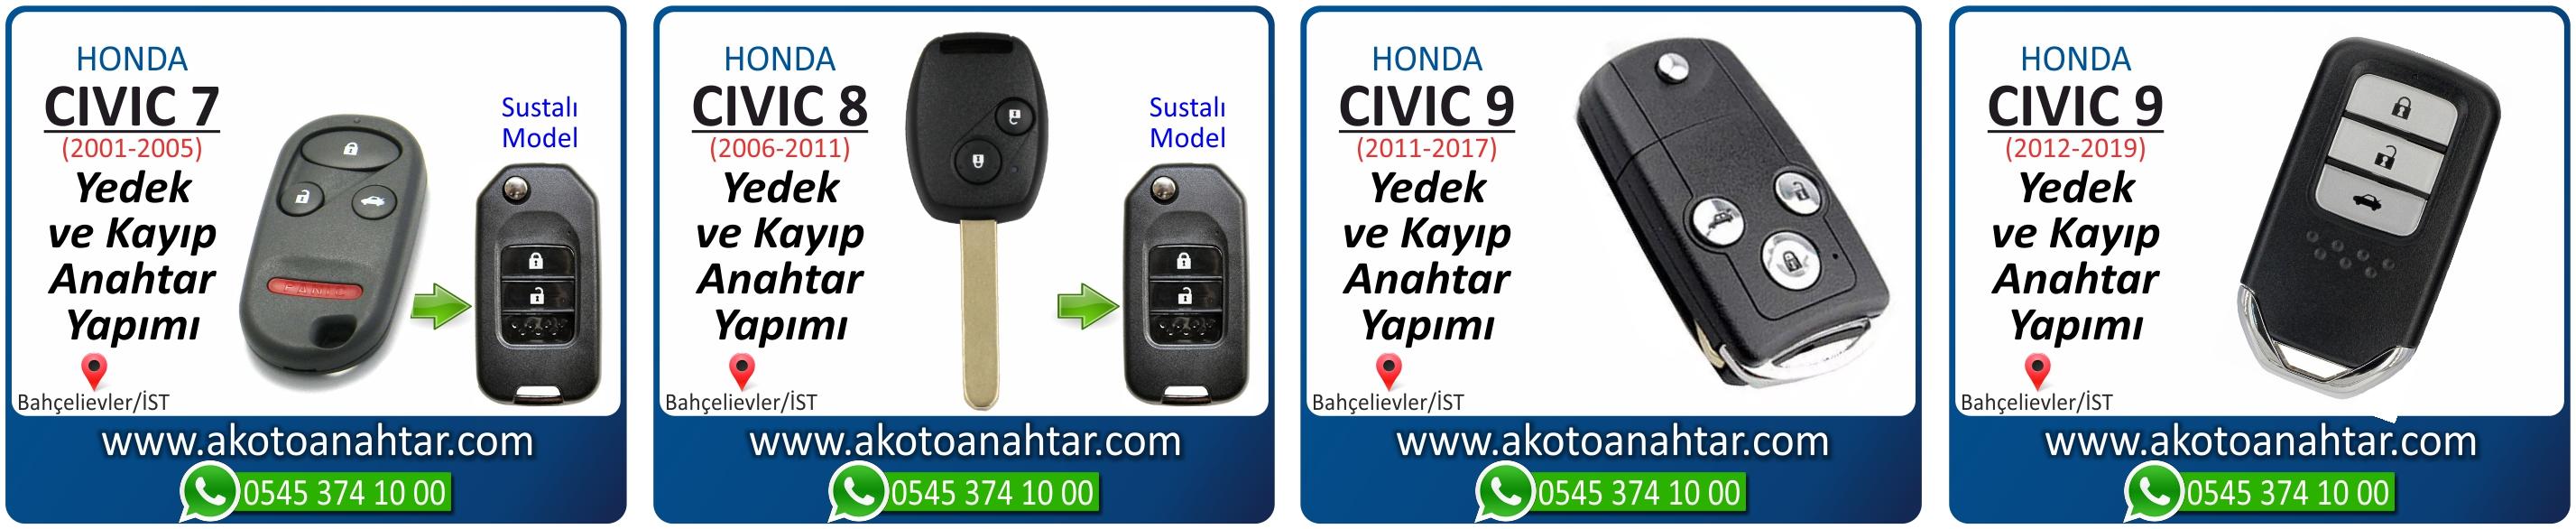 honda civic anahtari - Honda Civic Anahtarı | Yedek ve Kayıp Anahtar Yapımı